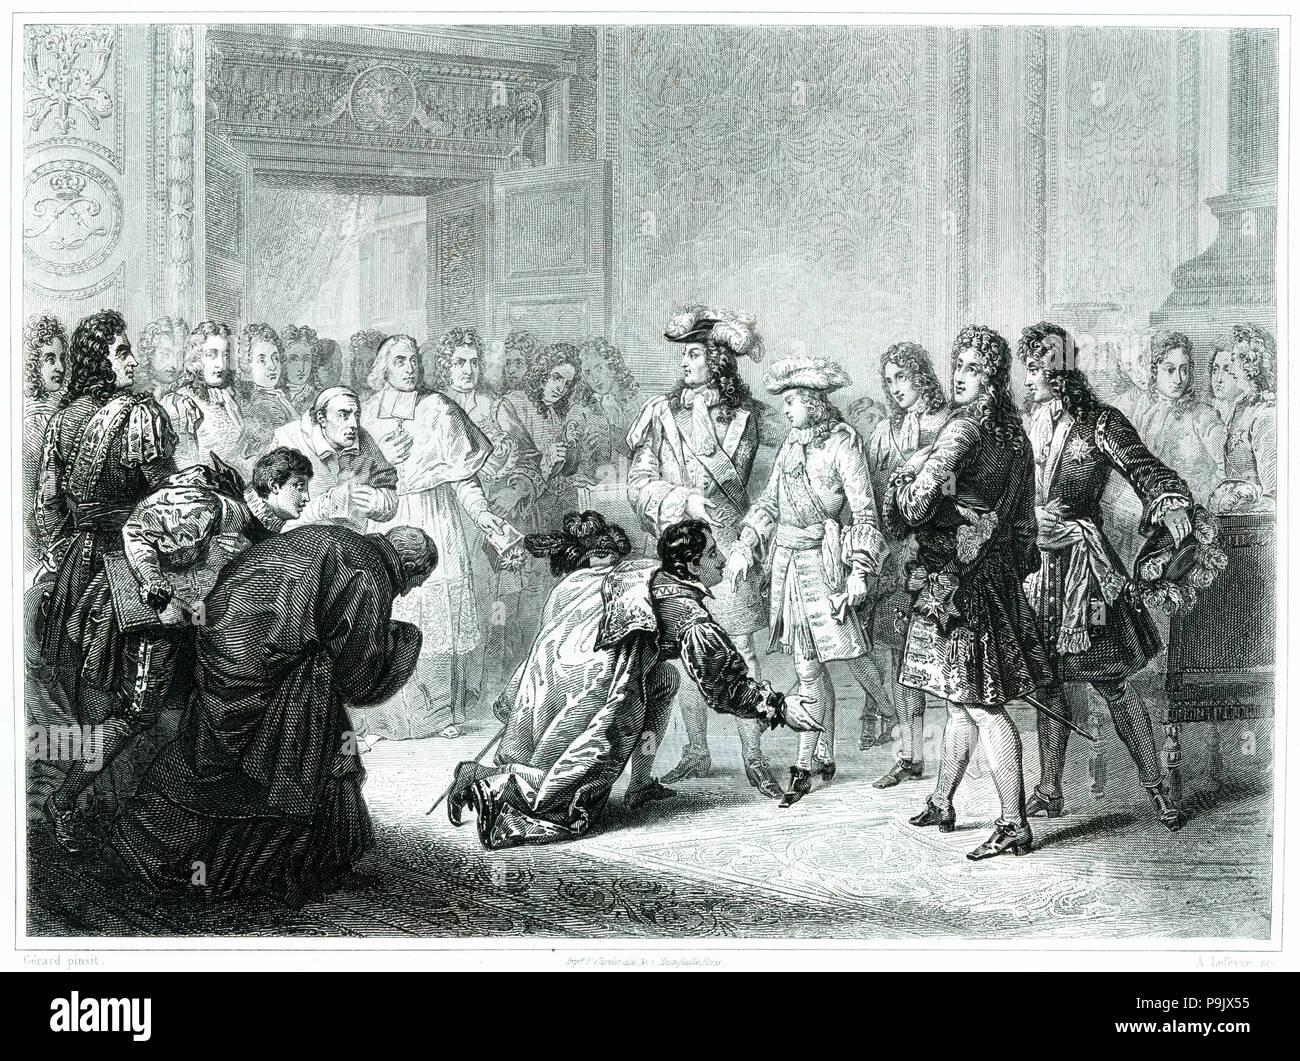 The Duke of Anjou, Philip V of Bourbon (1683-1746) declared King of Spain  on 16 November 1700, engraving from 1853.